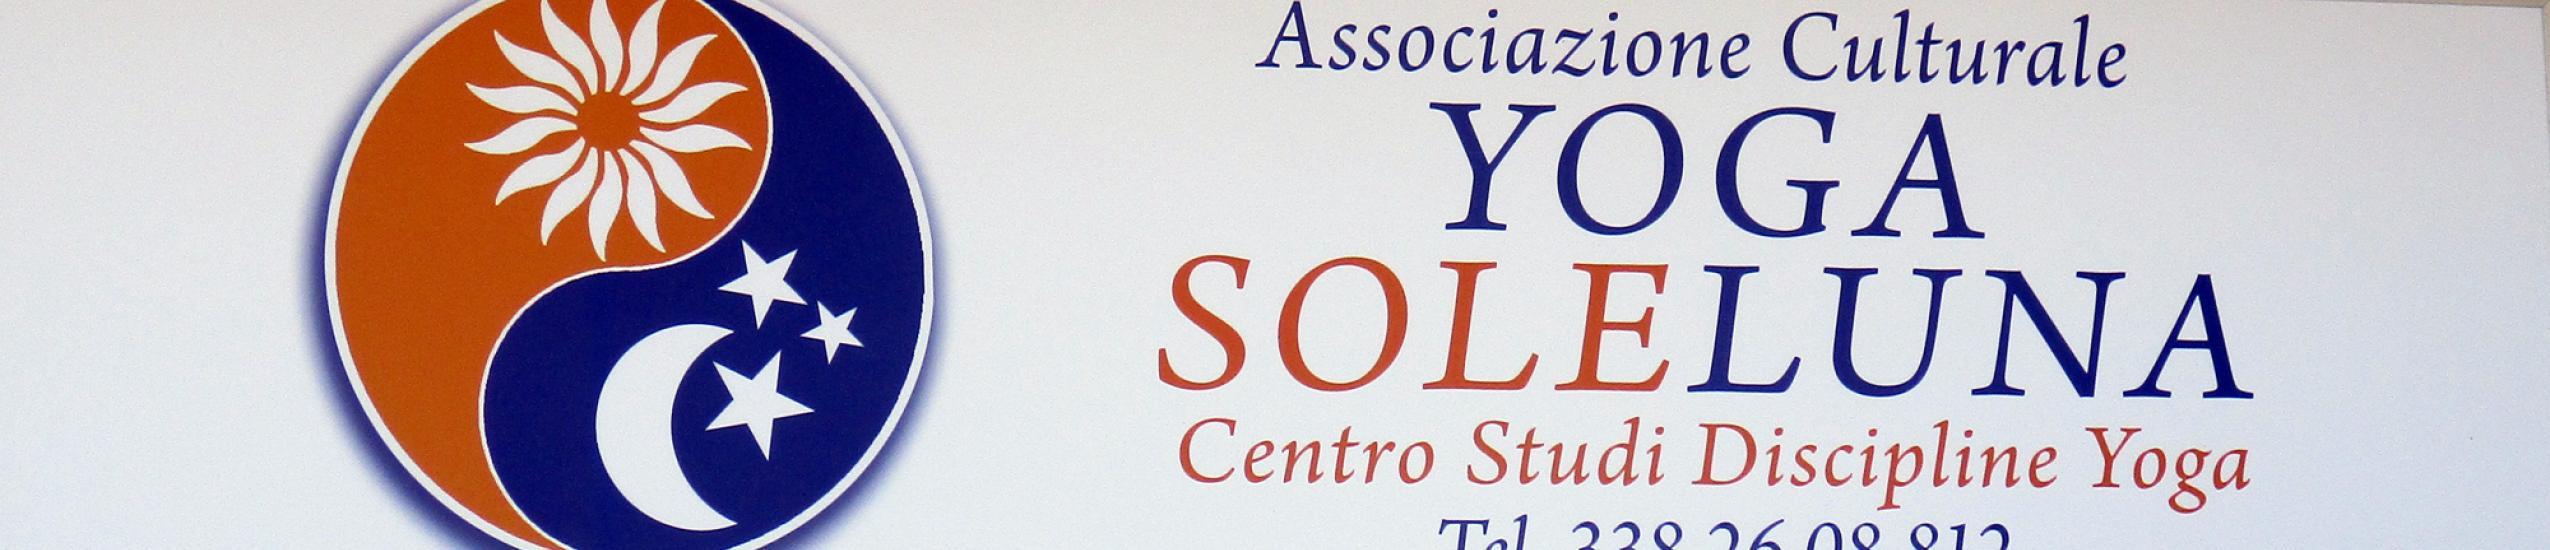 Associazione culturare yoga Soleluna (0)